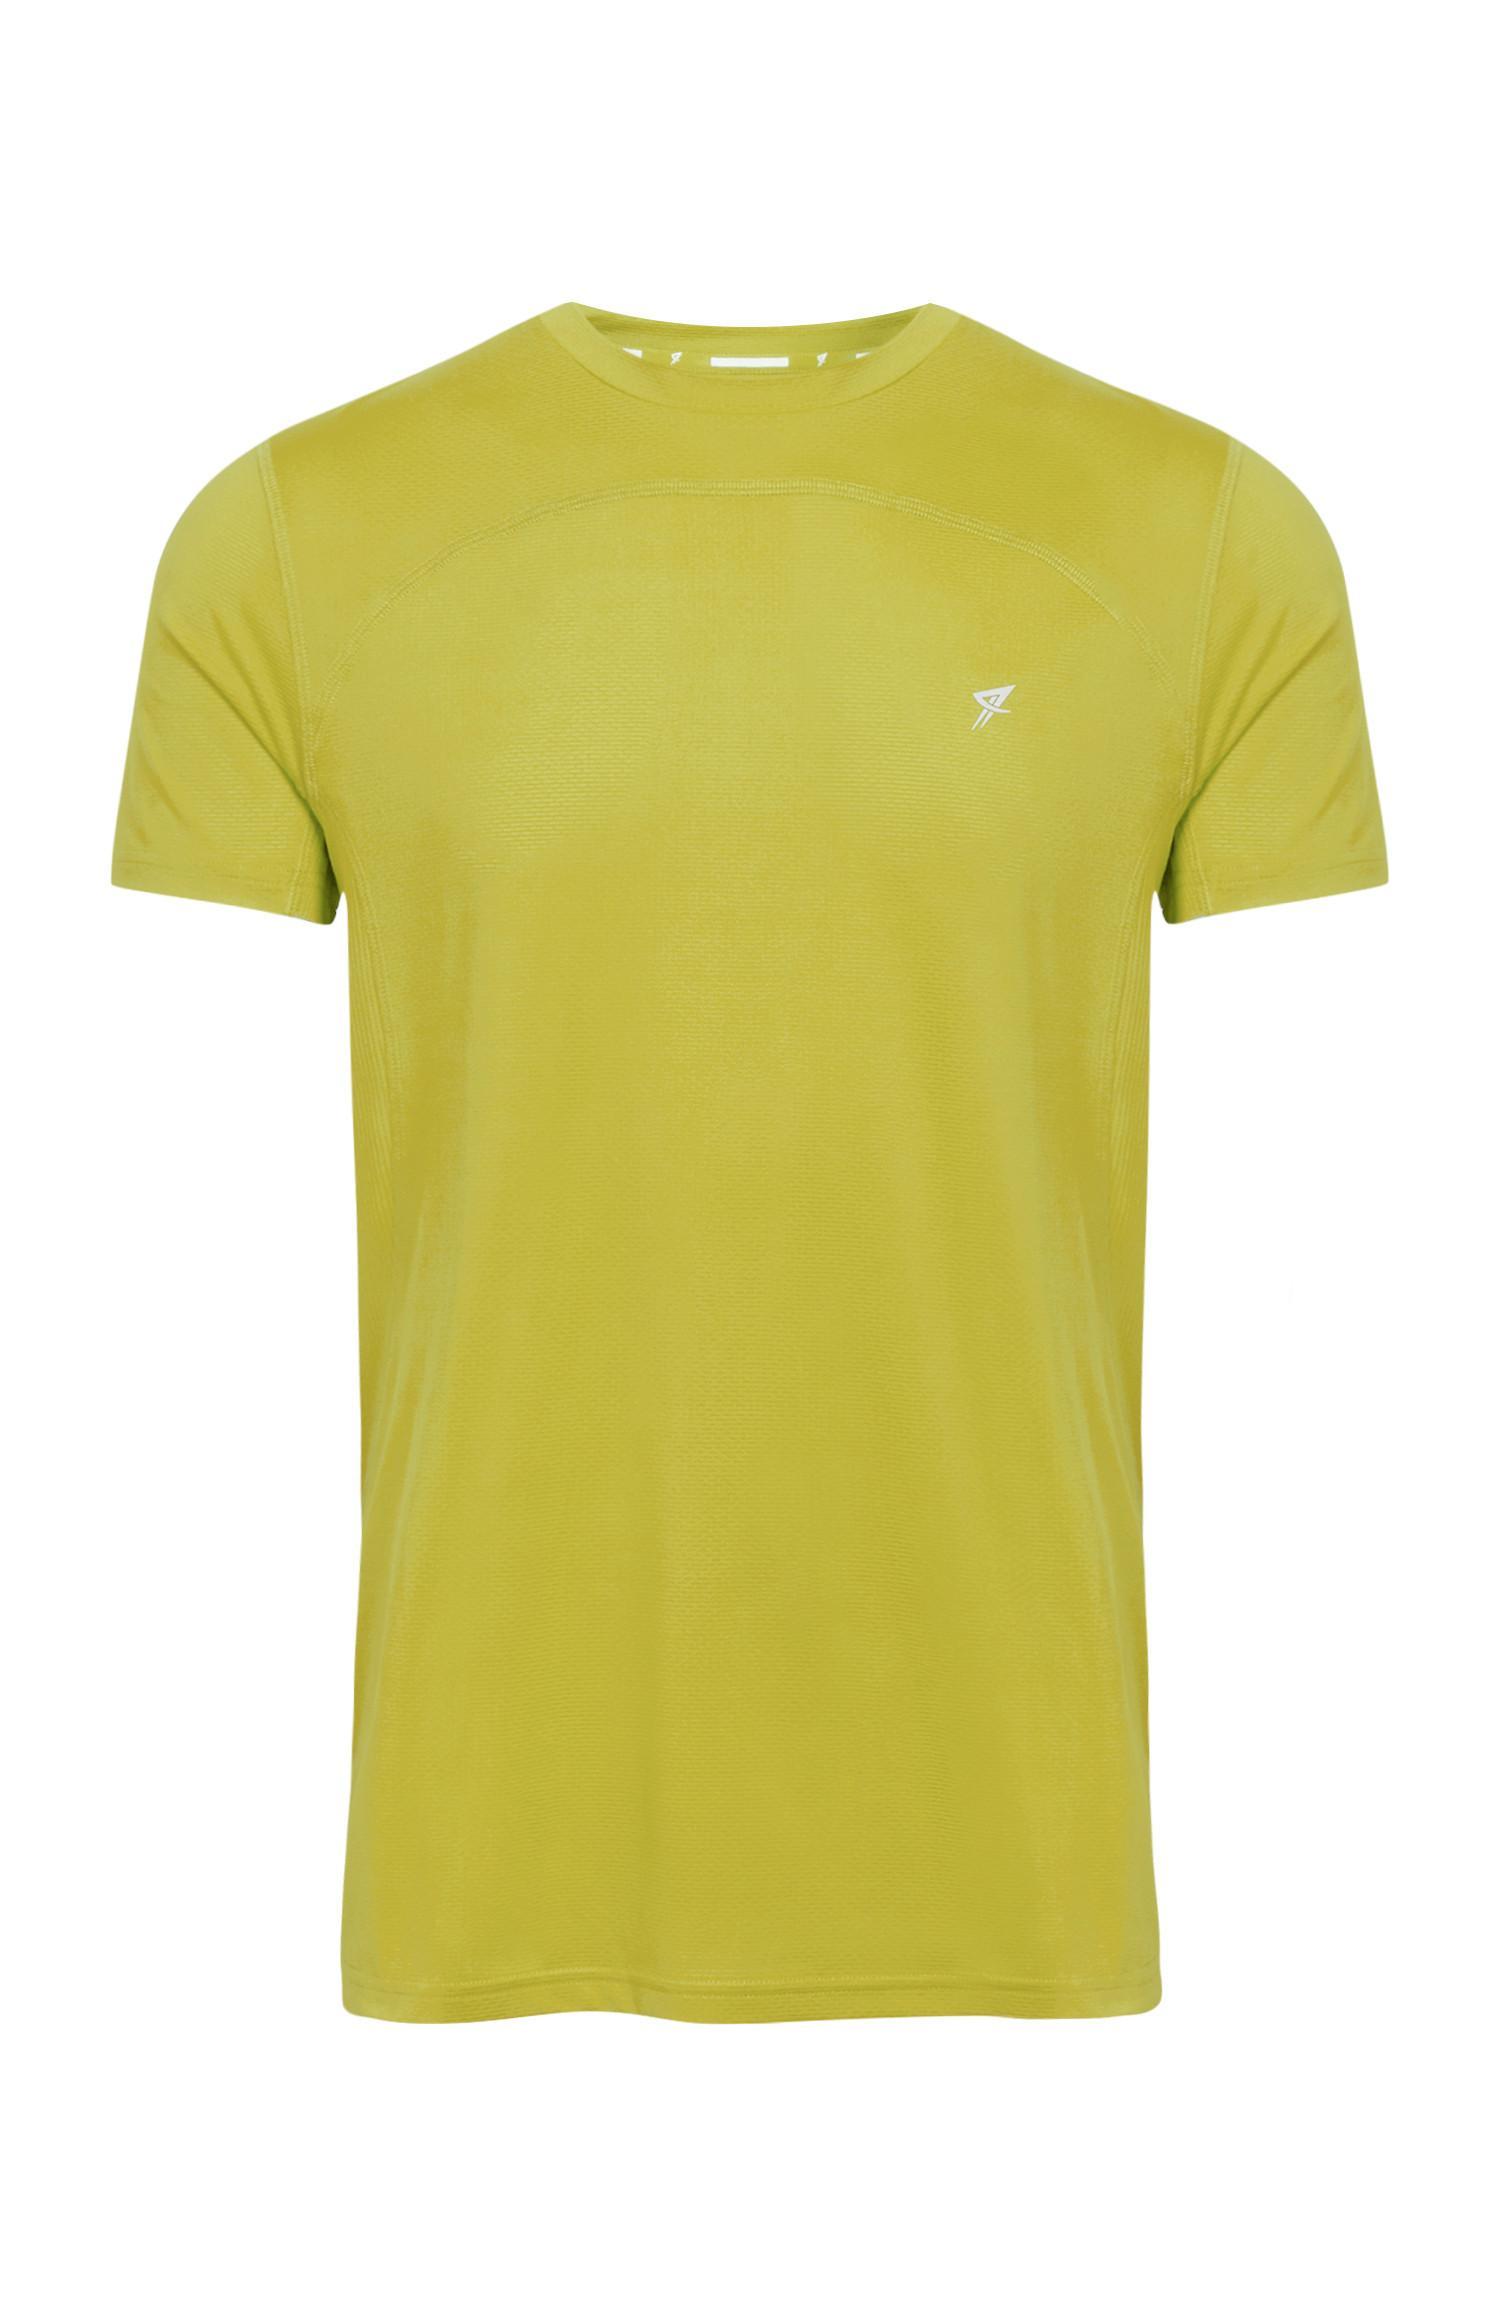 Top desempenho amarelo